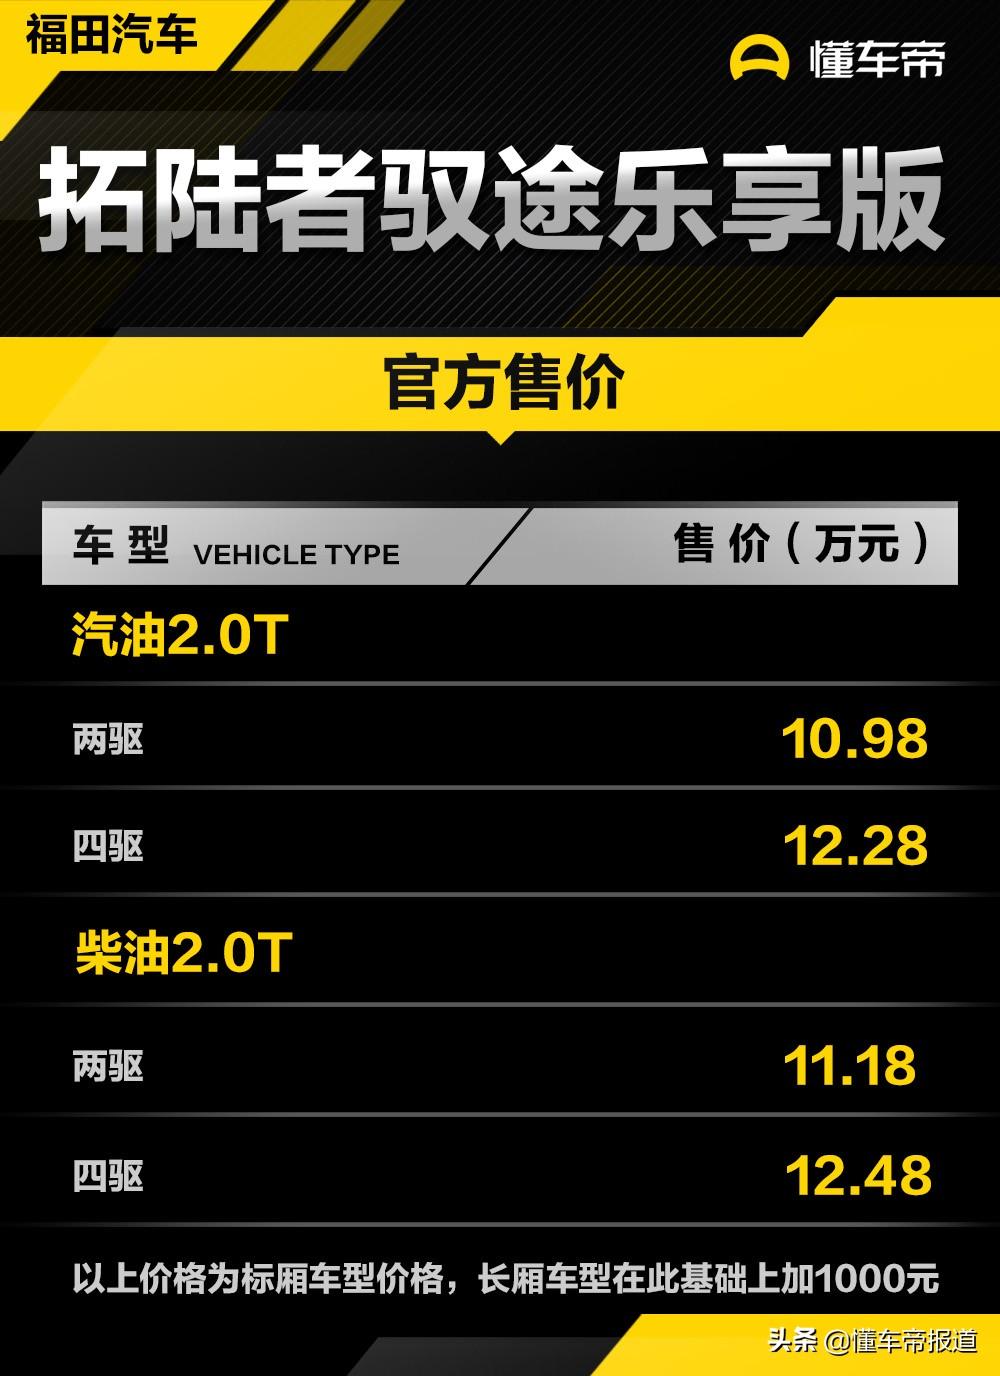 新车 | 售10.98万元起,福田拓陆者驭途乐享版上市